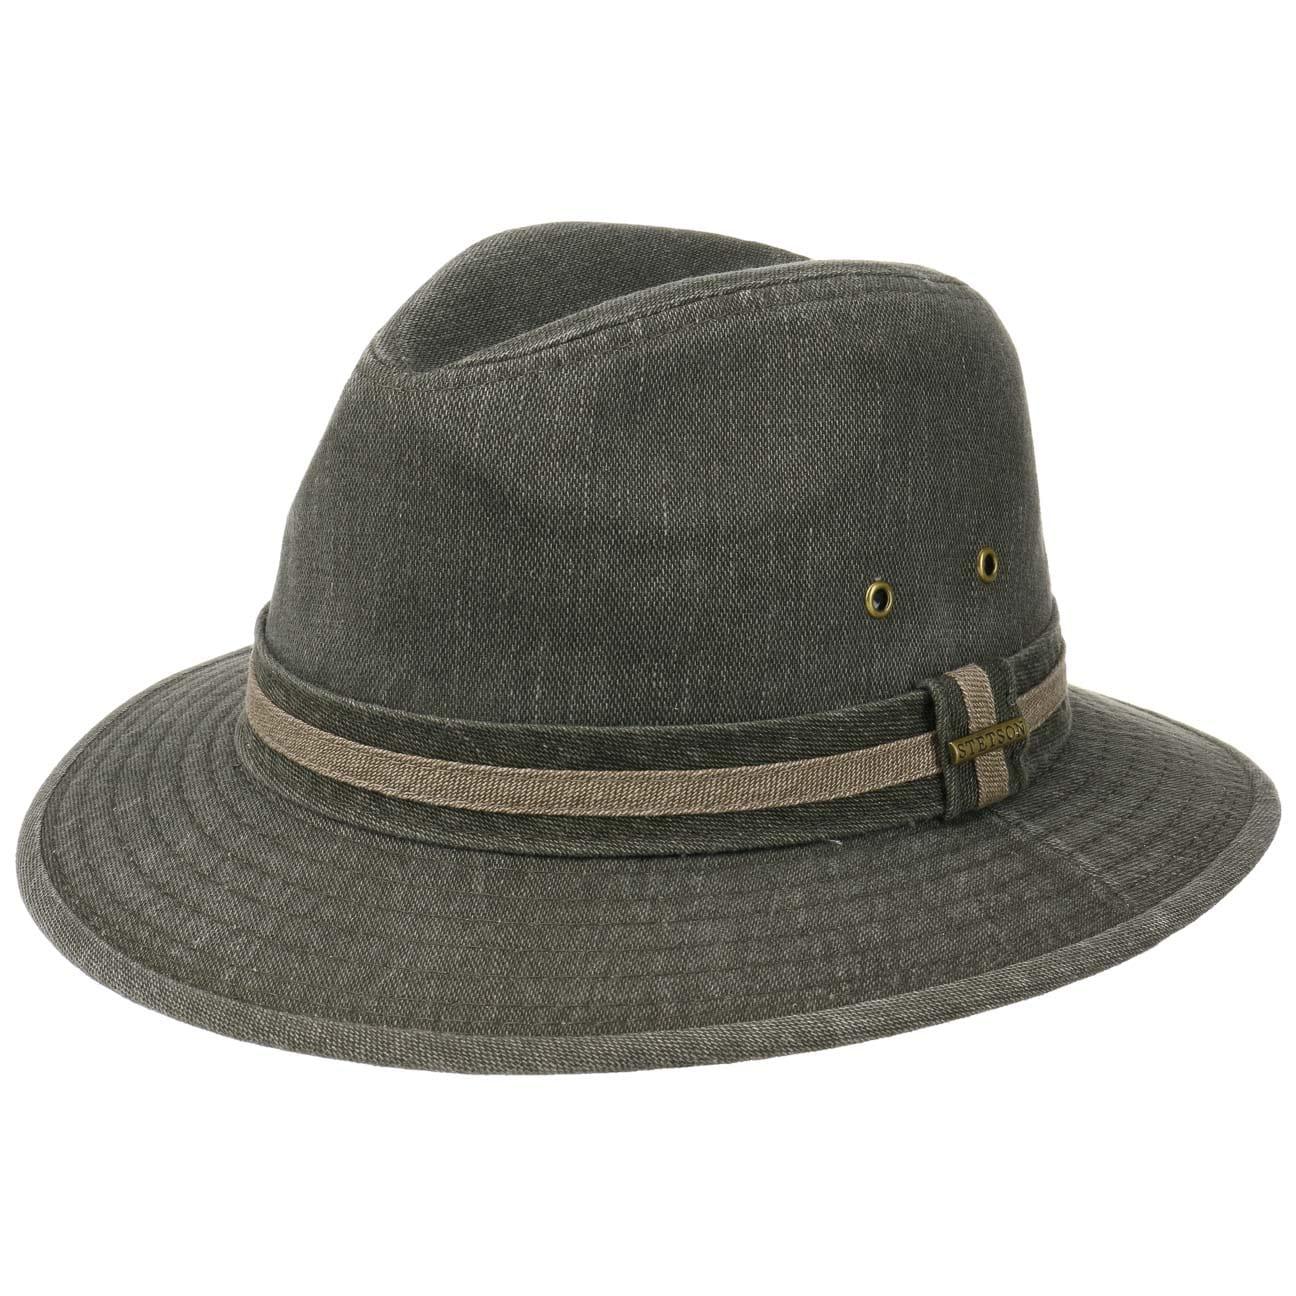 Chapeau Cadosia Cotton Traveller by Stetson  chapeau en coton